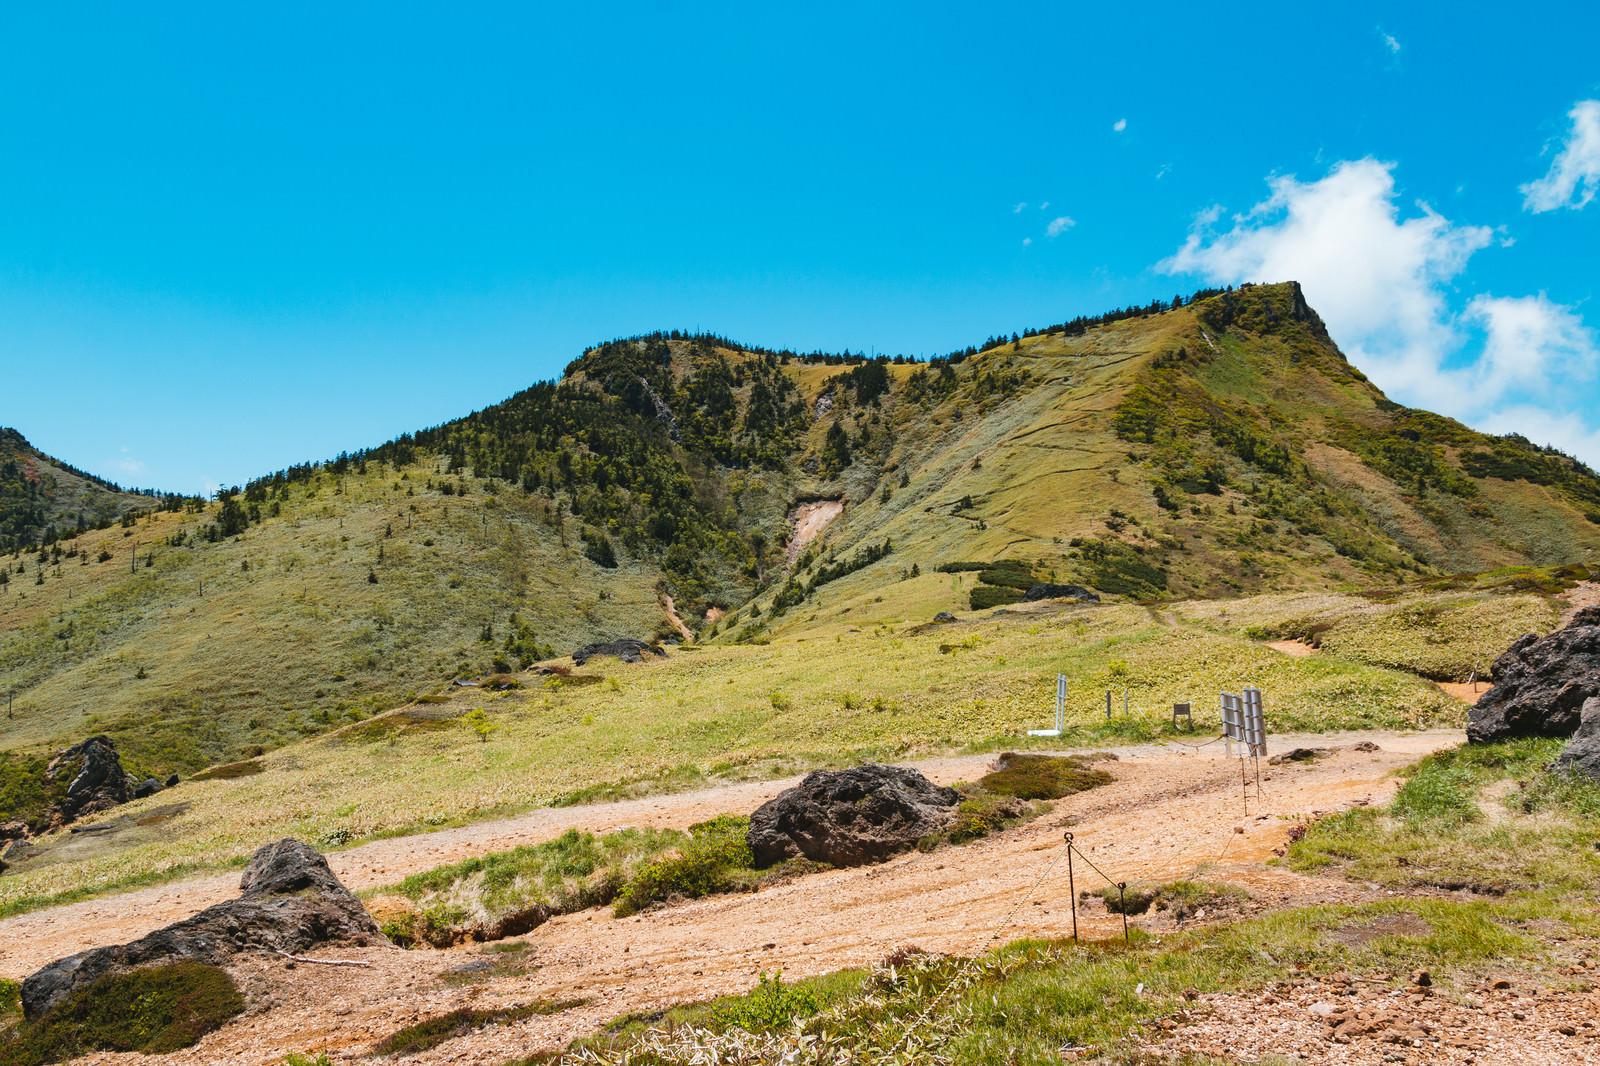 「毛無峠から破風岳のルート」の写真